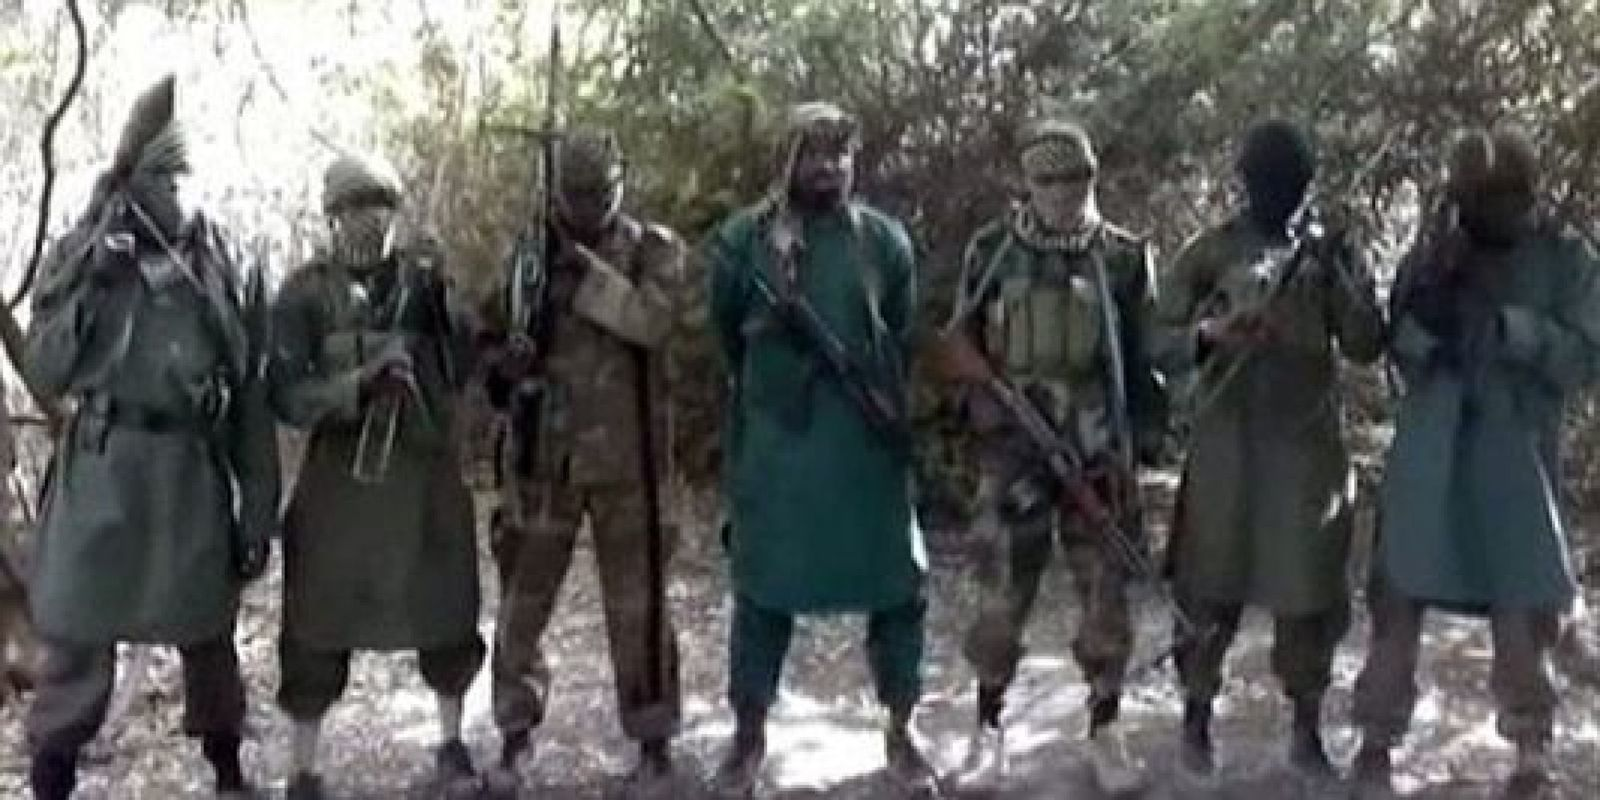 La secte islamiste Boko Haram multiplie les attaques et menace de s'en prendre au secteur pétrolier du Nigéria